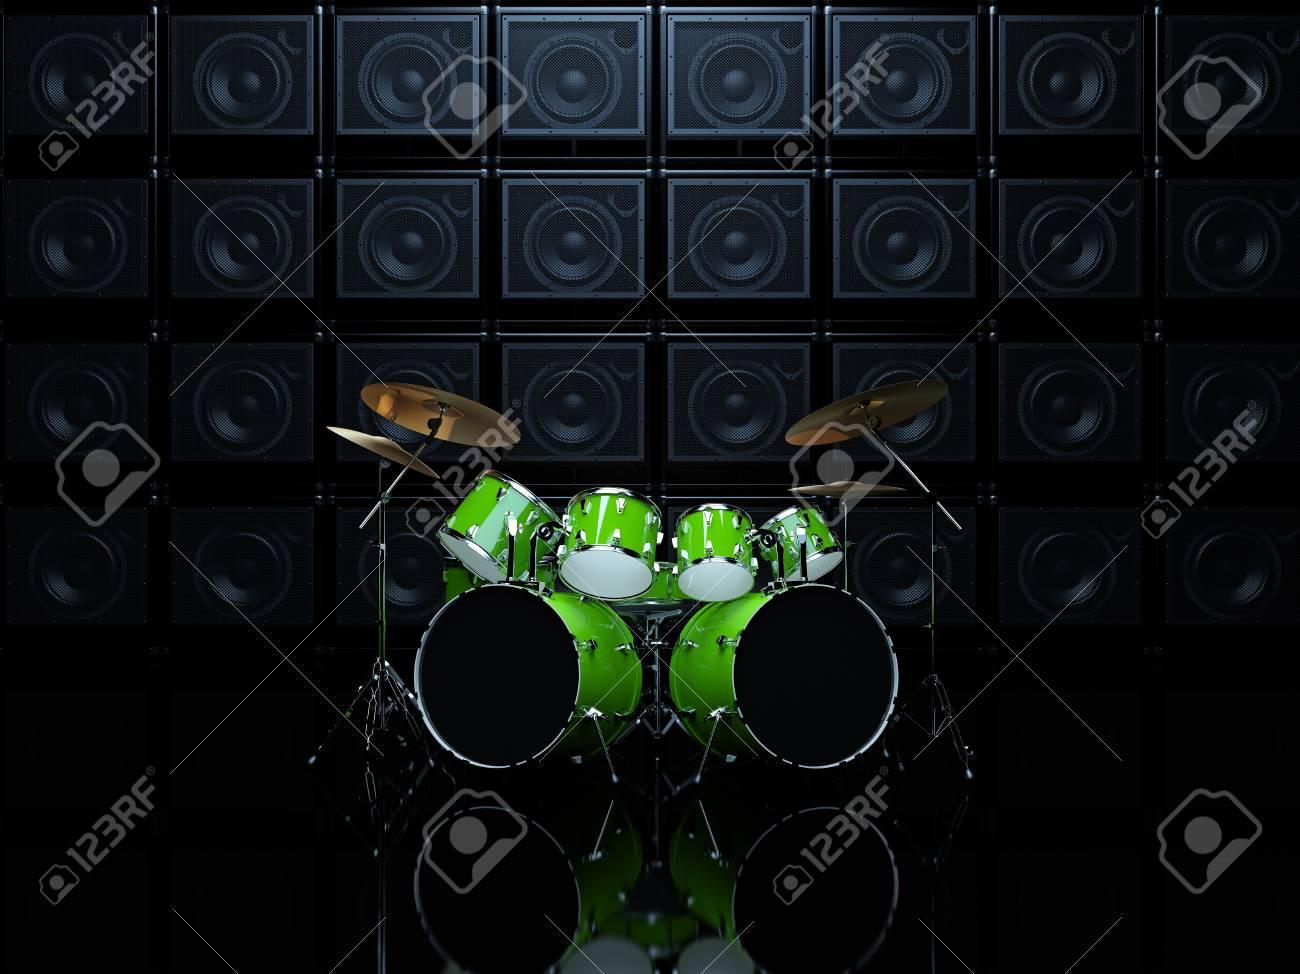 Coole Drum Set Vor Dem Hintergrund Der Grunen Wand Der Gitarre Amps